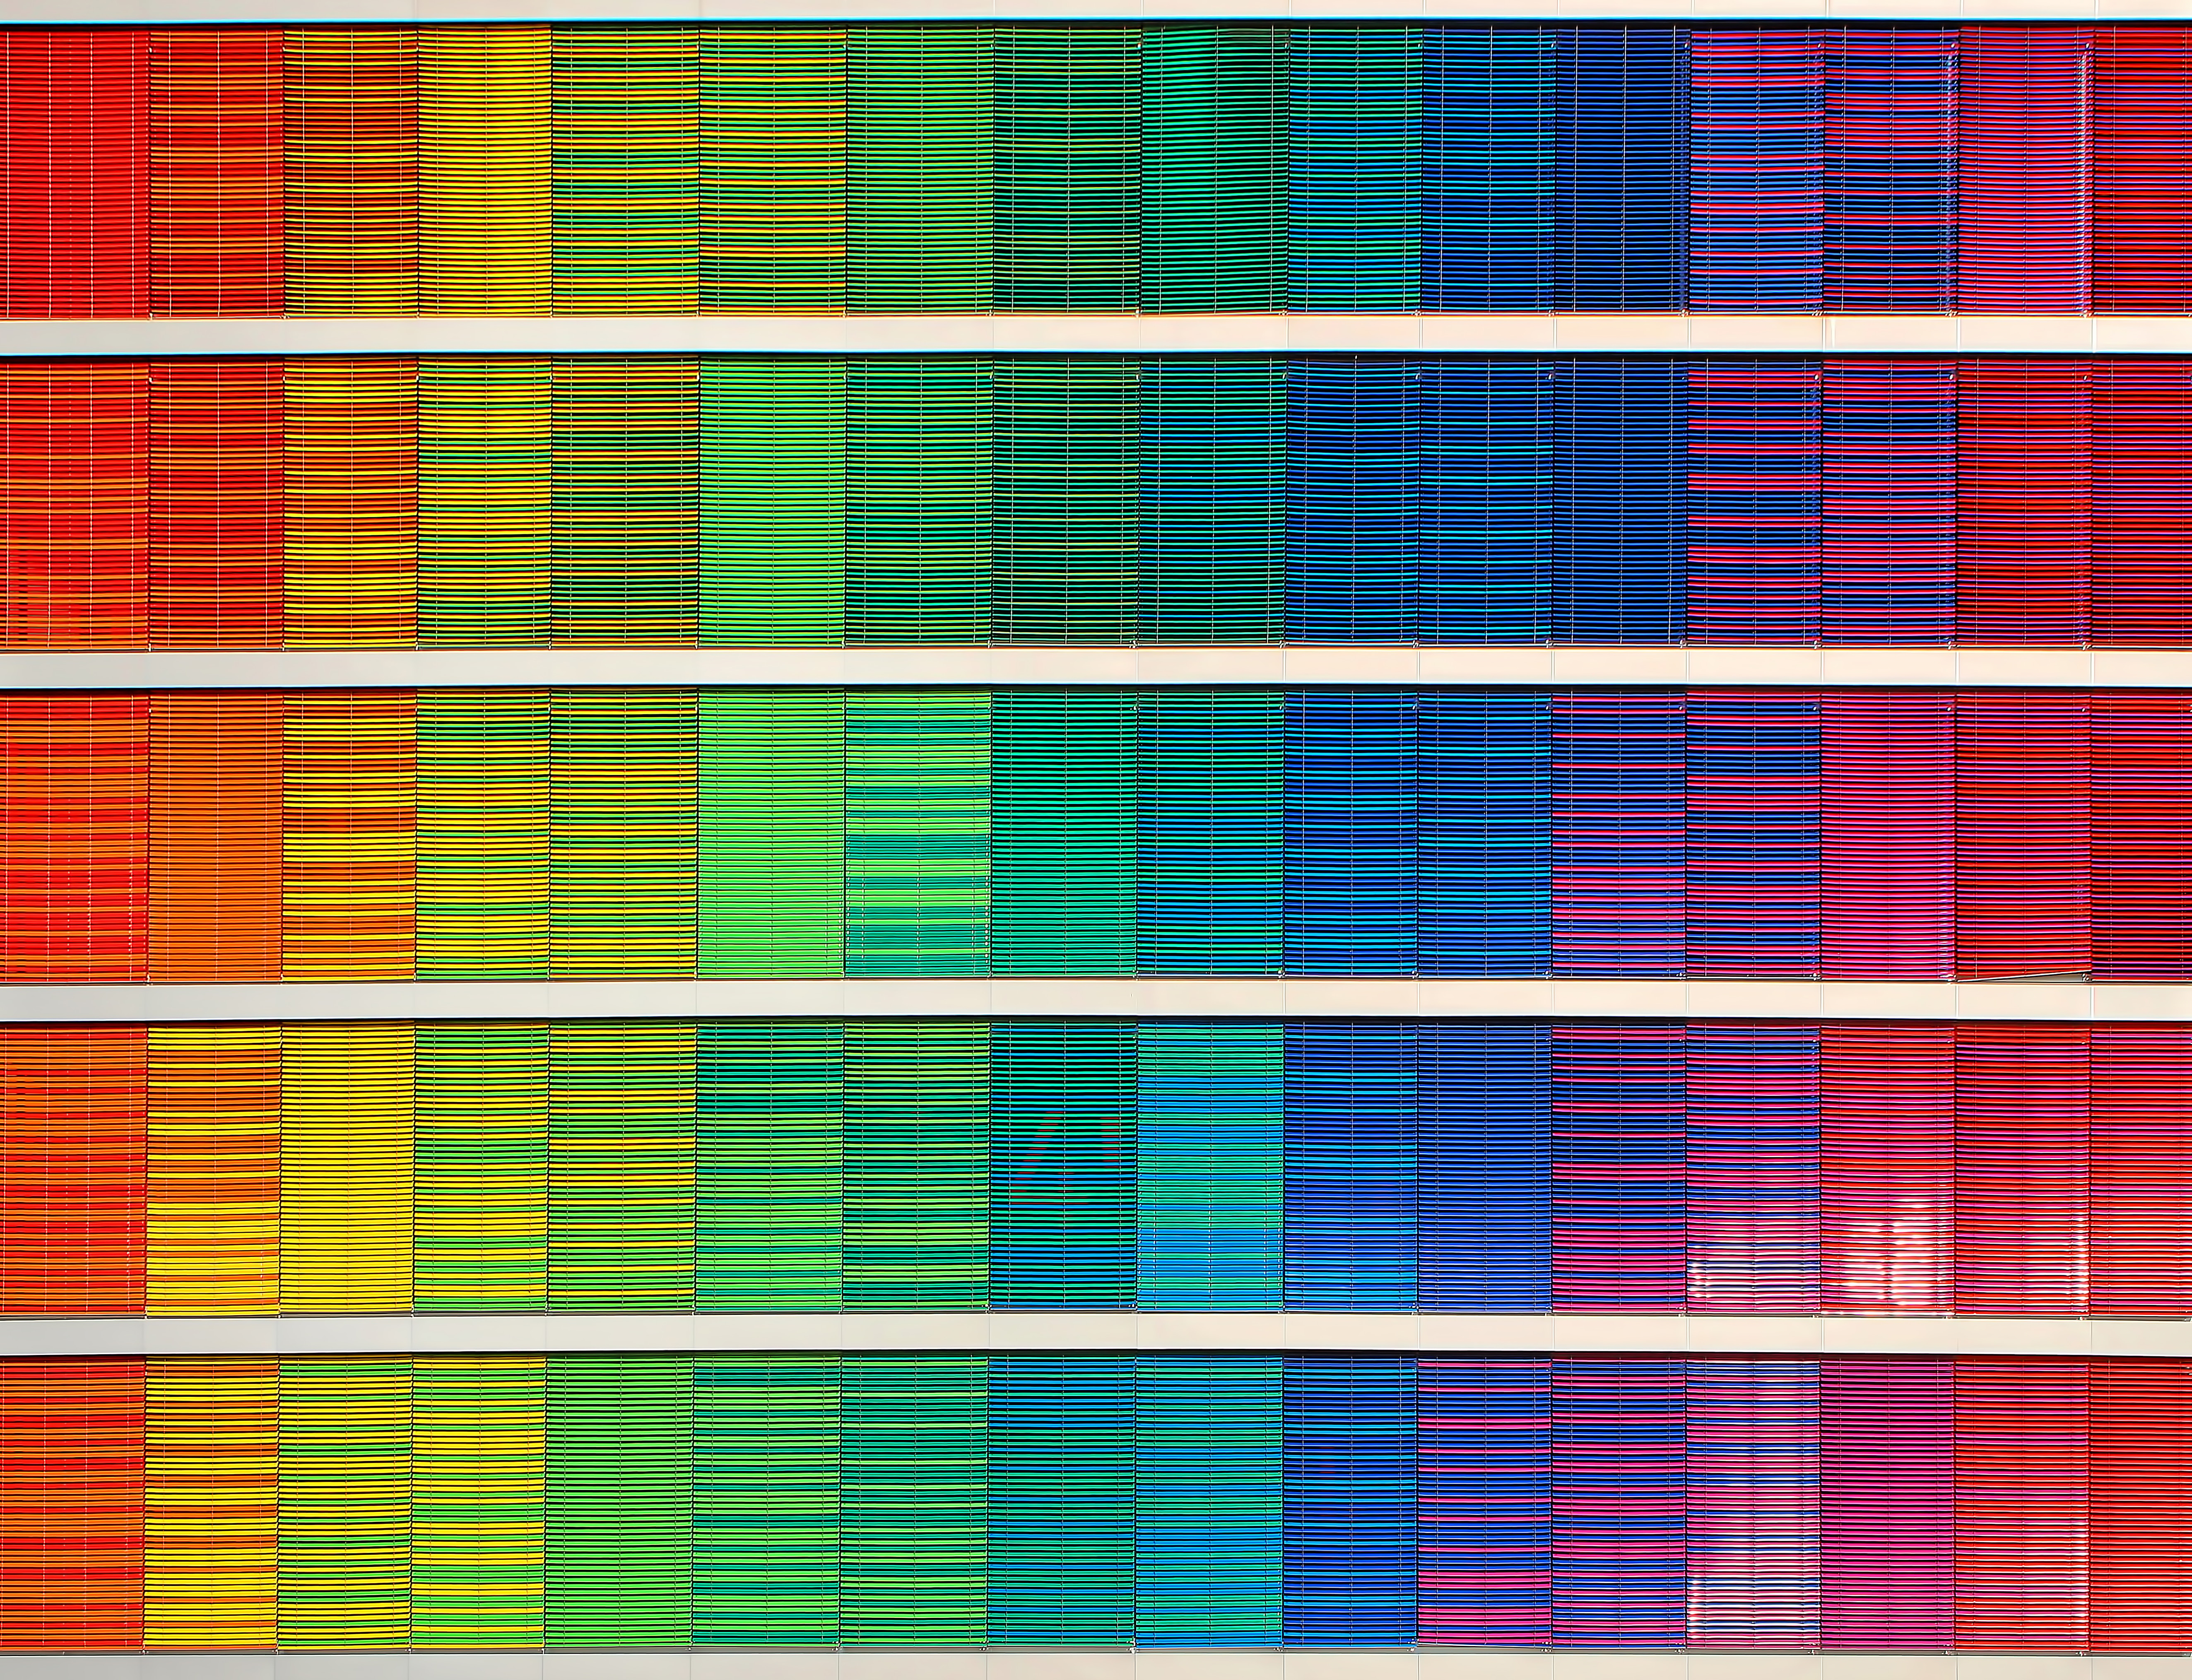 ¿Qué esquema de color utilizo, el modelo RGB o el CMYK?